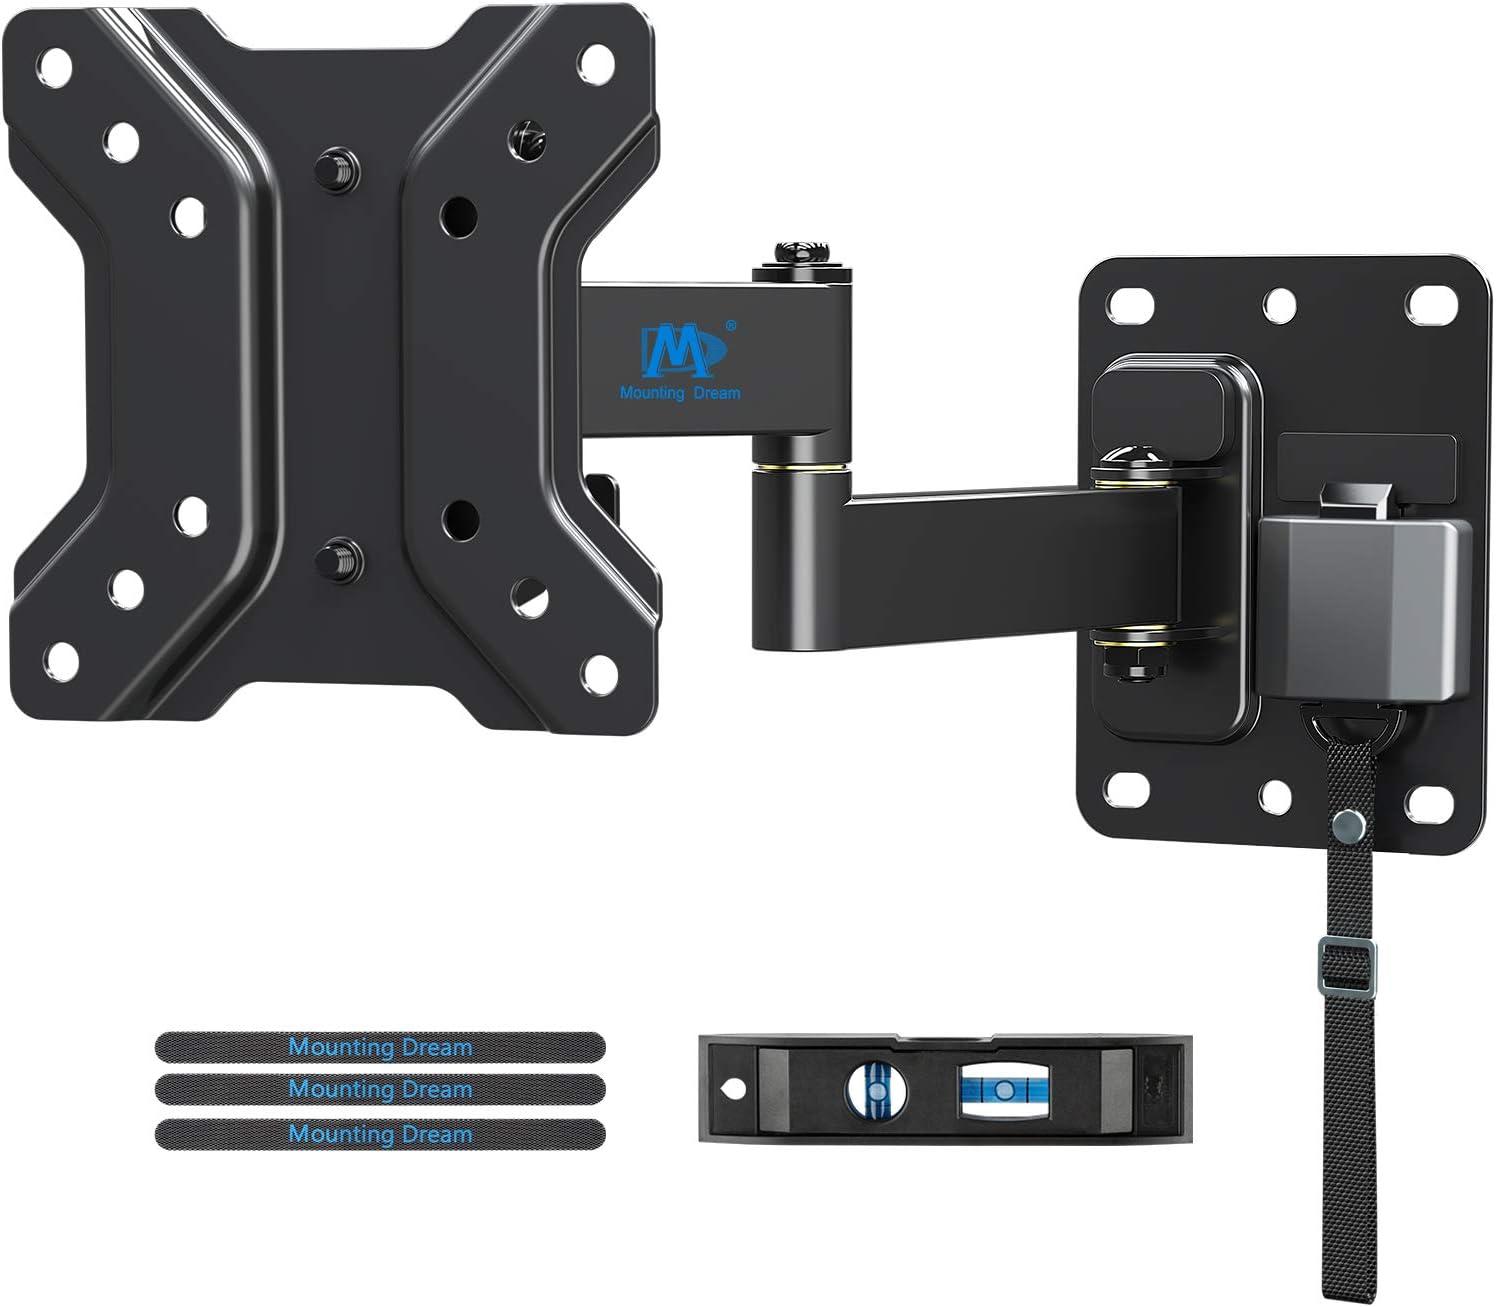 Mounting Dream Soporte de Pared TV Giratorio Inclinable Bloqueable para Caravana/Remolque/Barco para la Muchos los 10-26 Pulgadas LED, LCD y OLED TVs ...